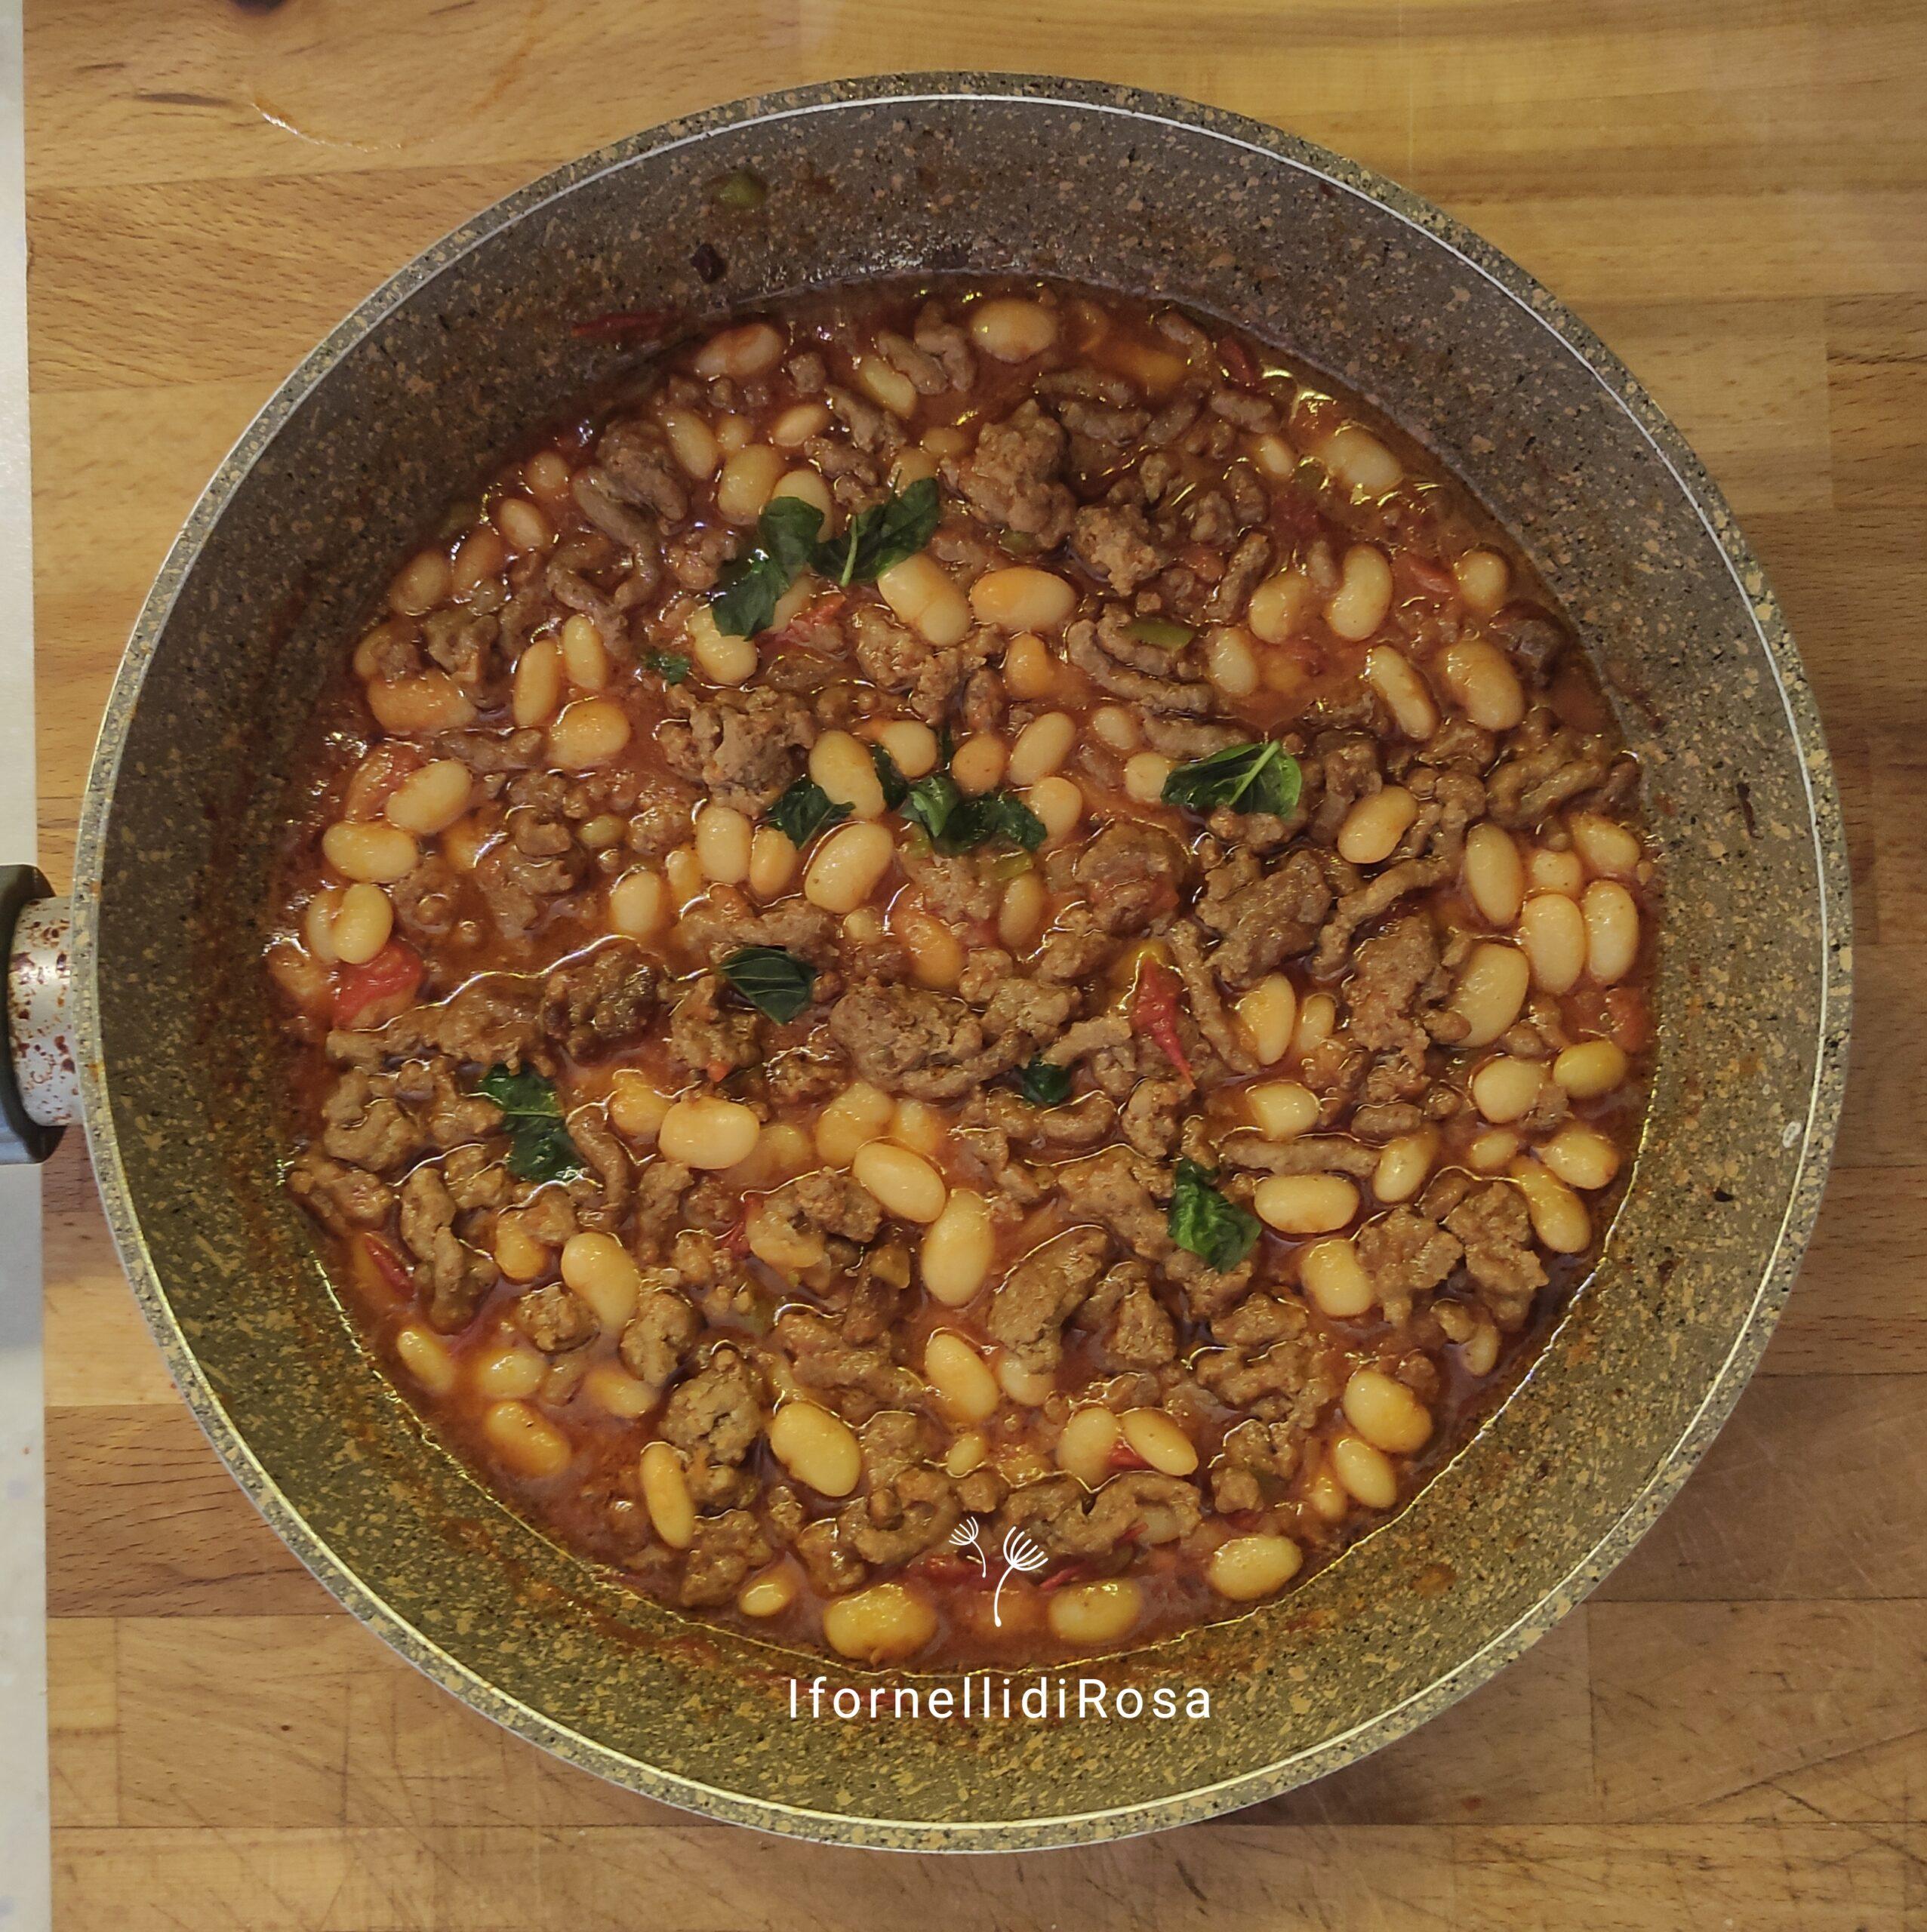 Chili speziato con carne e fagioli bianchi